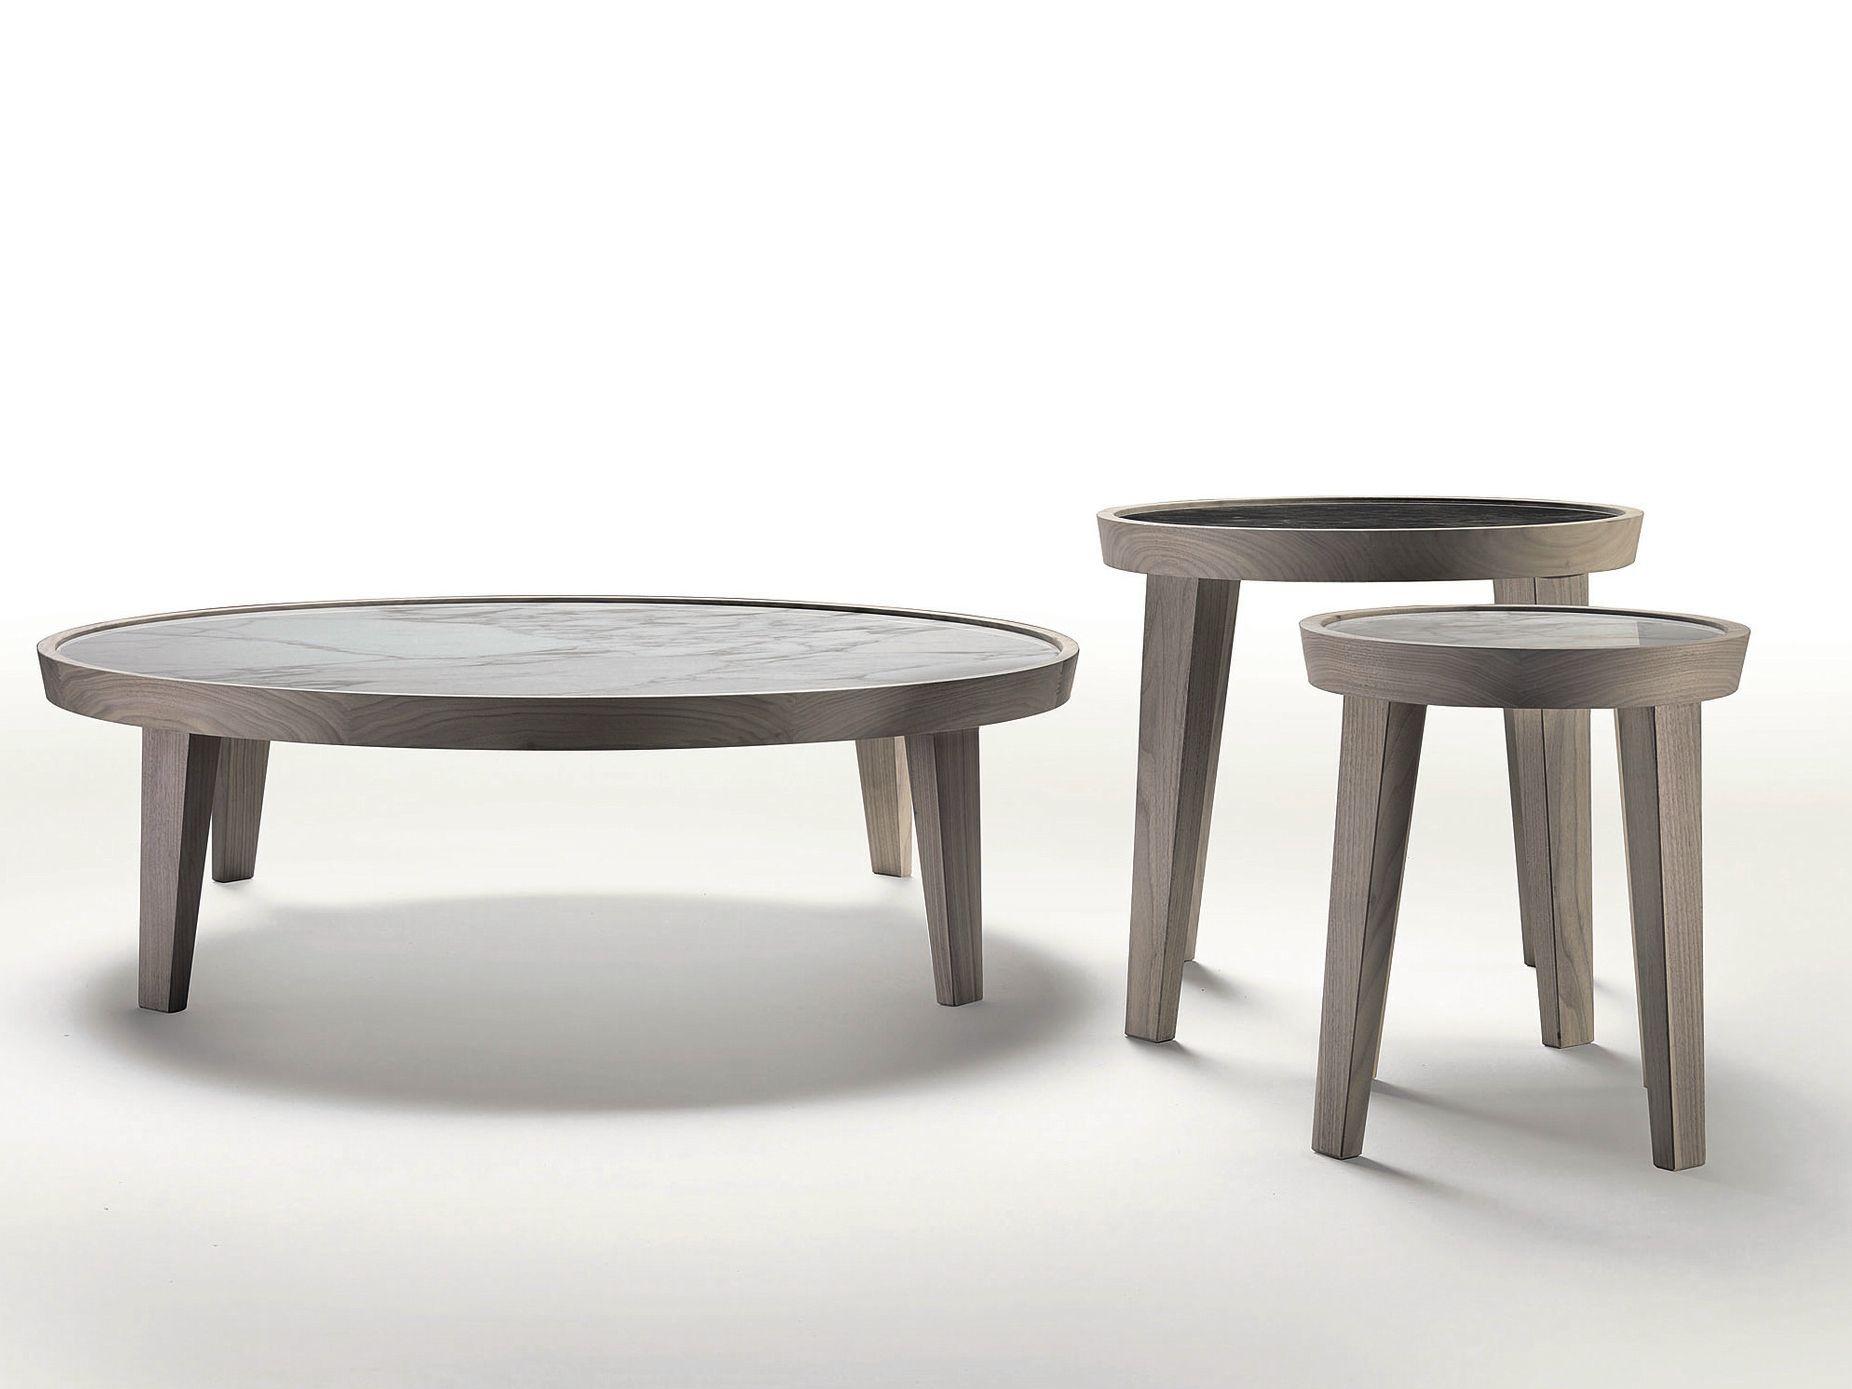 Dida runder couchtisch by flexform design centro studi for Runder couchtisch design